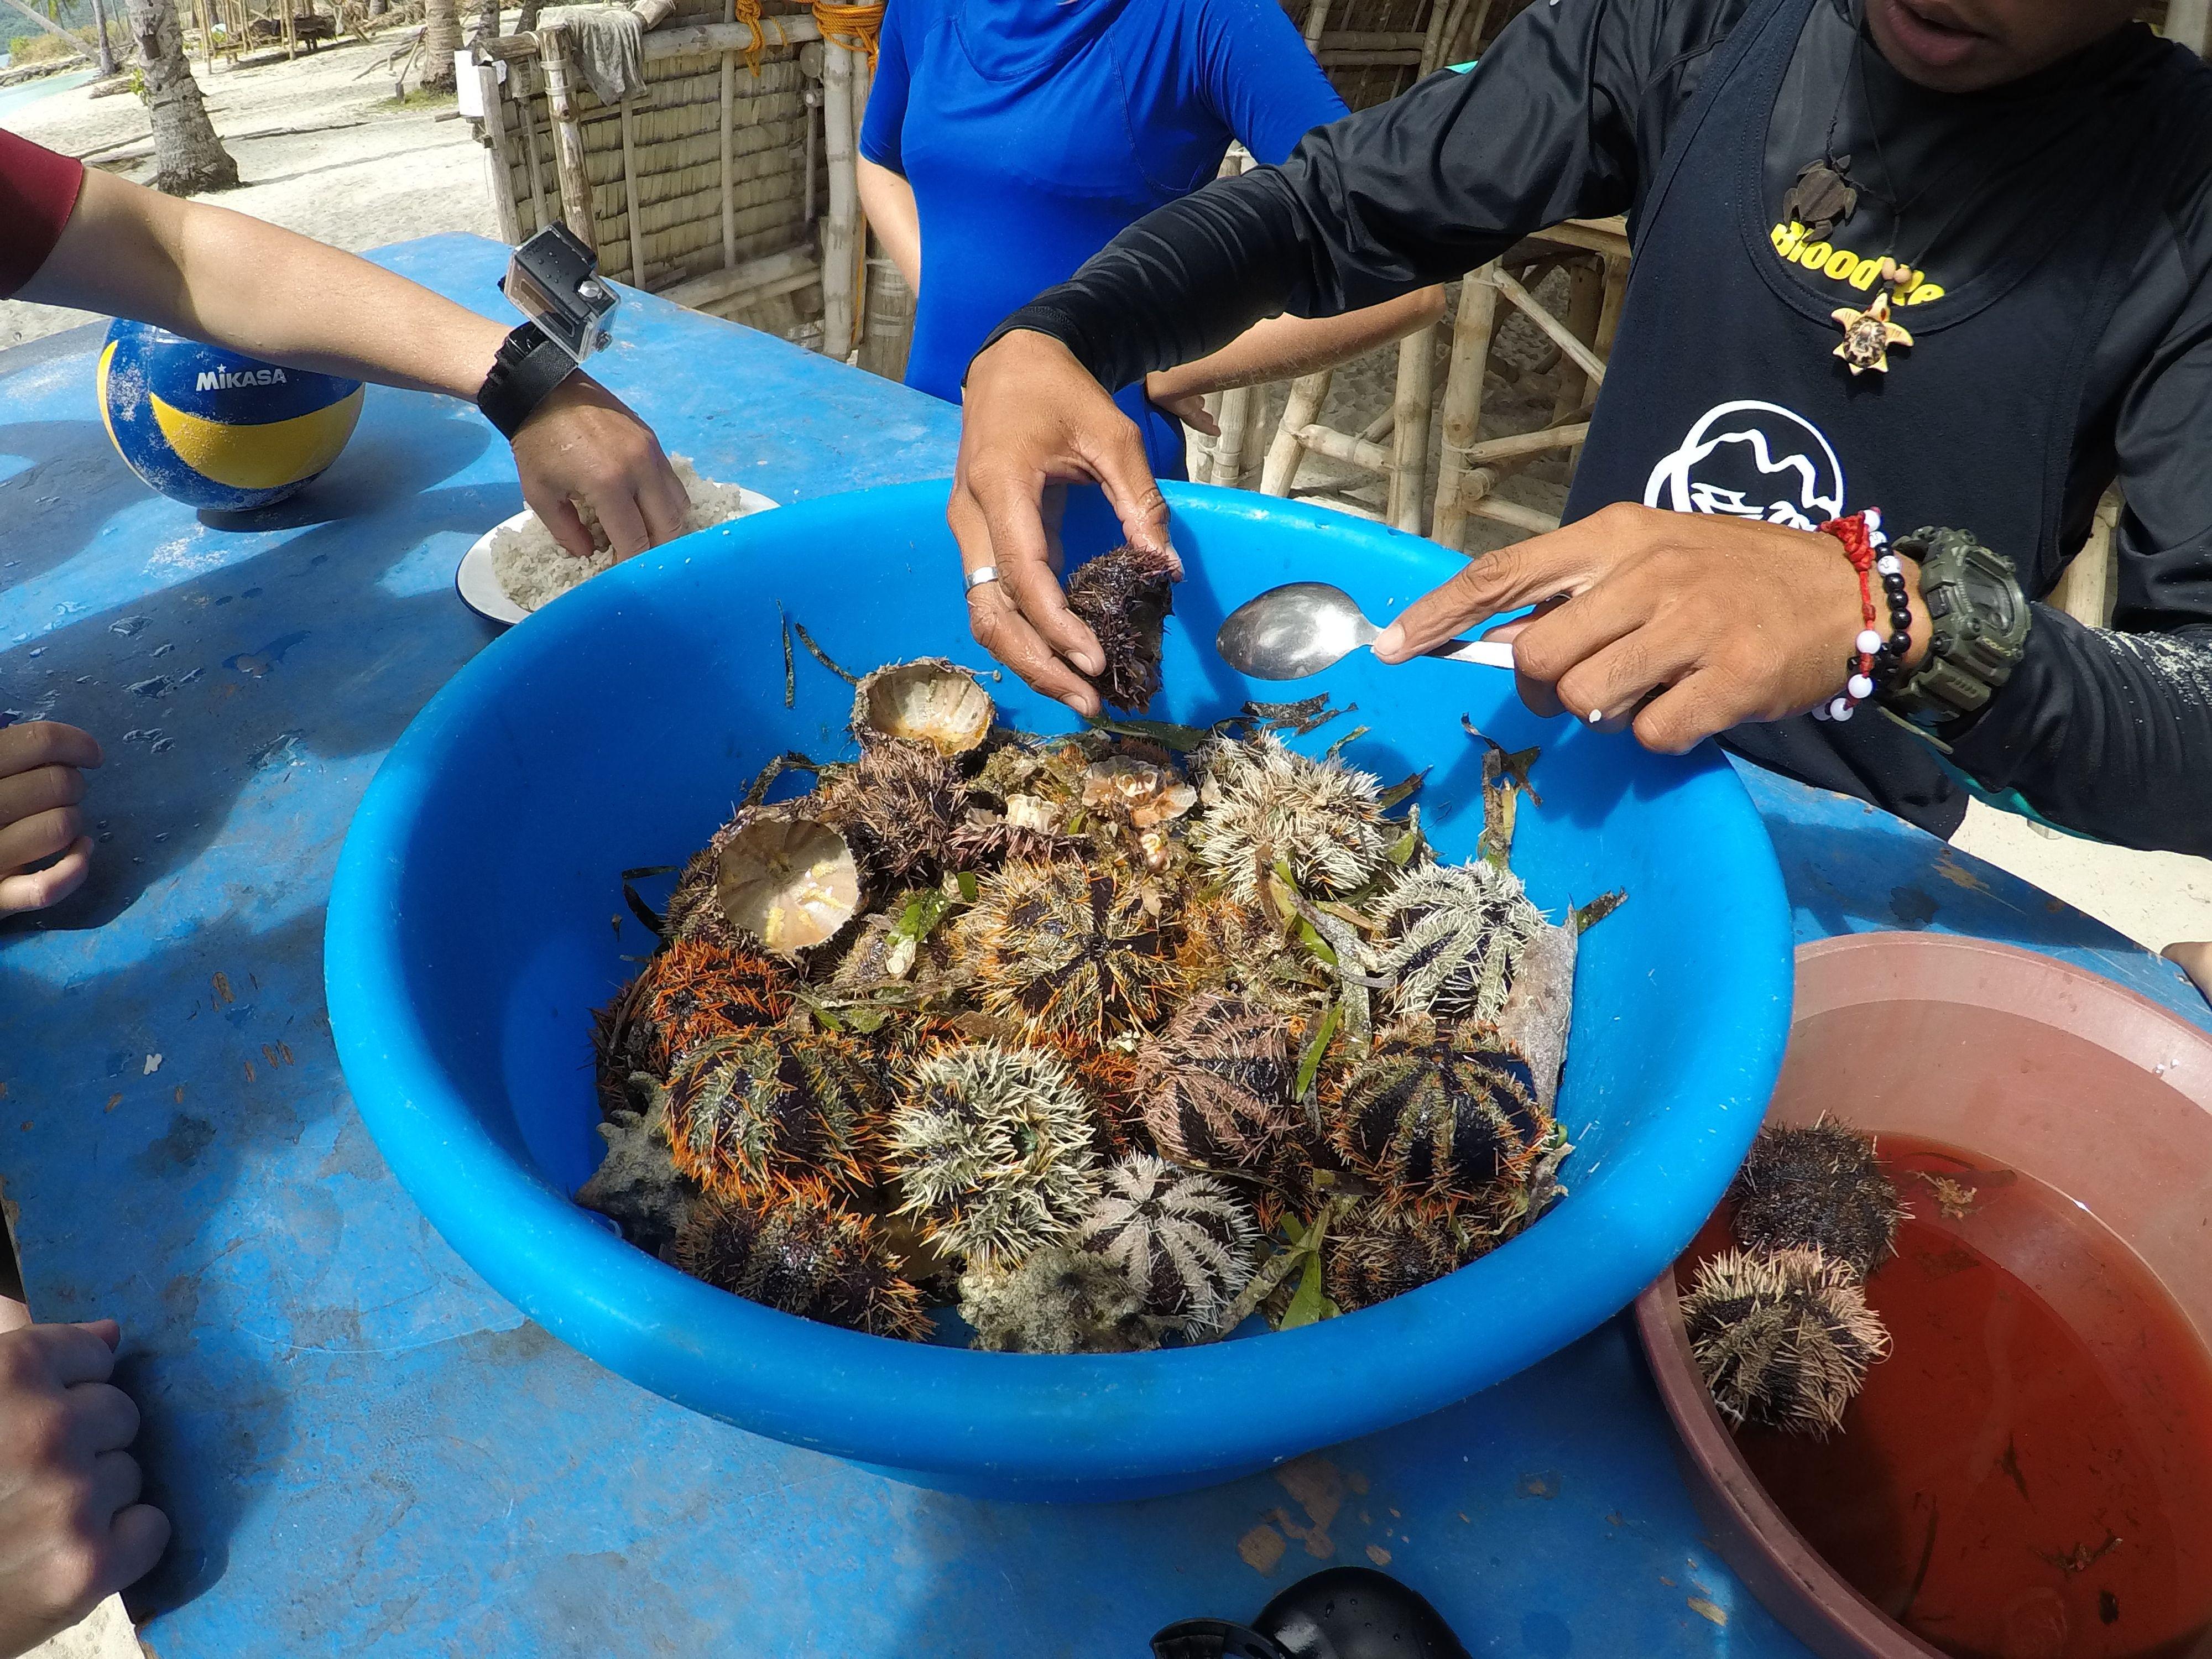 Oursins tout juste pêchés - Tao expeditions